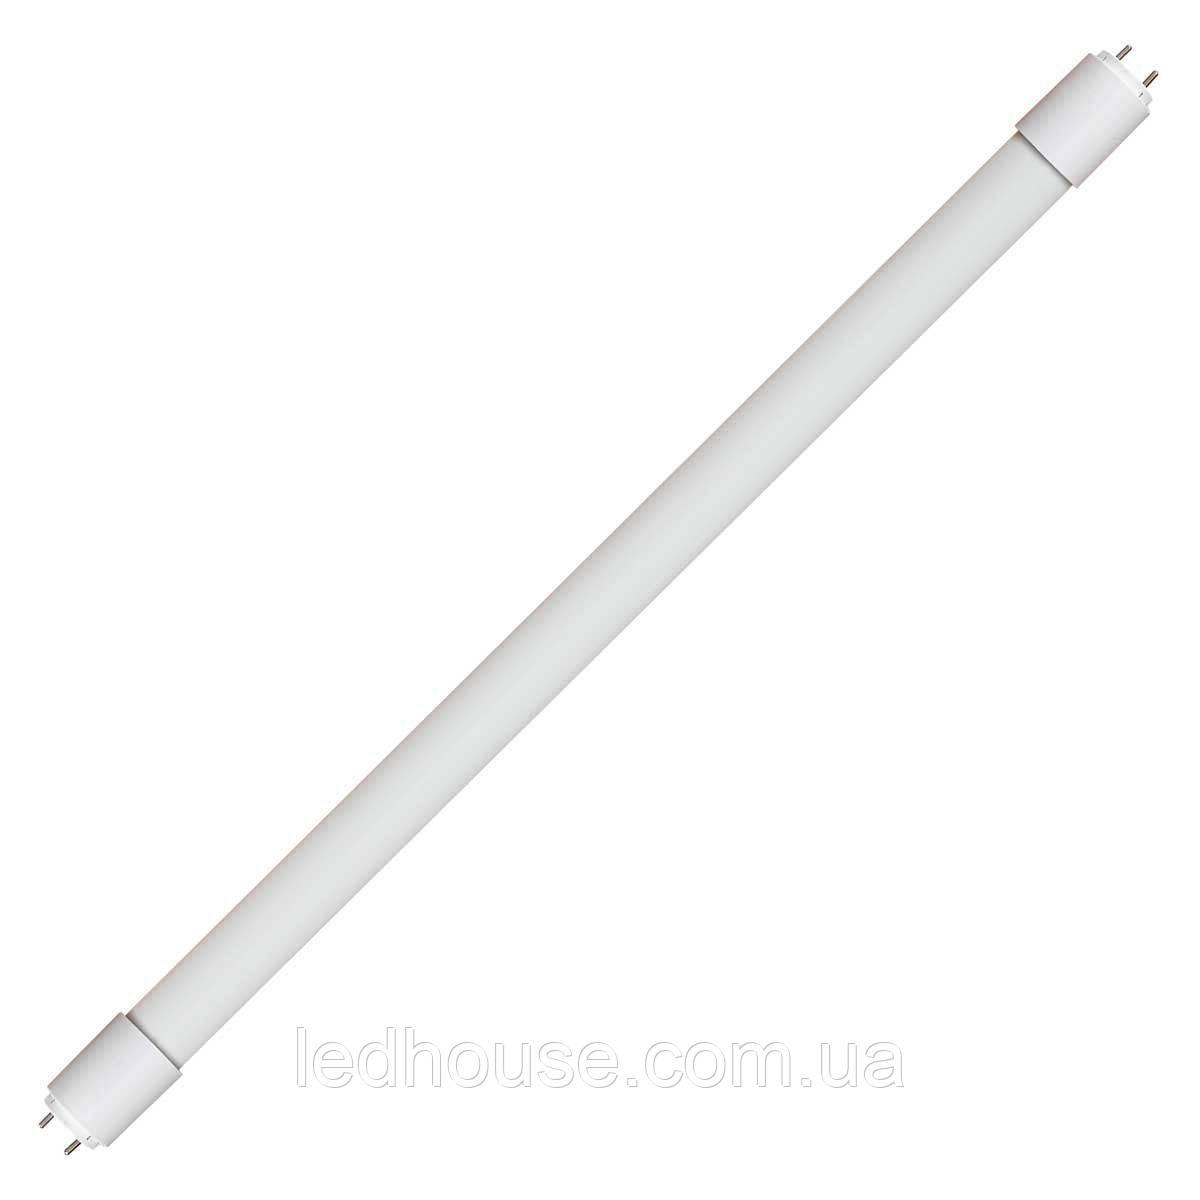 Светодиодная лампа T8-GL-600-8W CW 6200К G13 стекло матовое